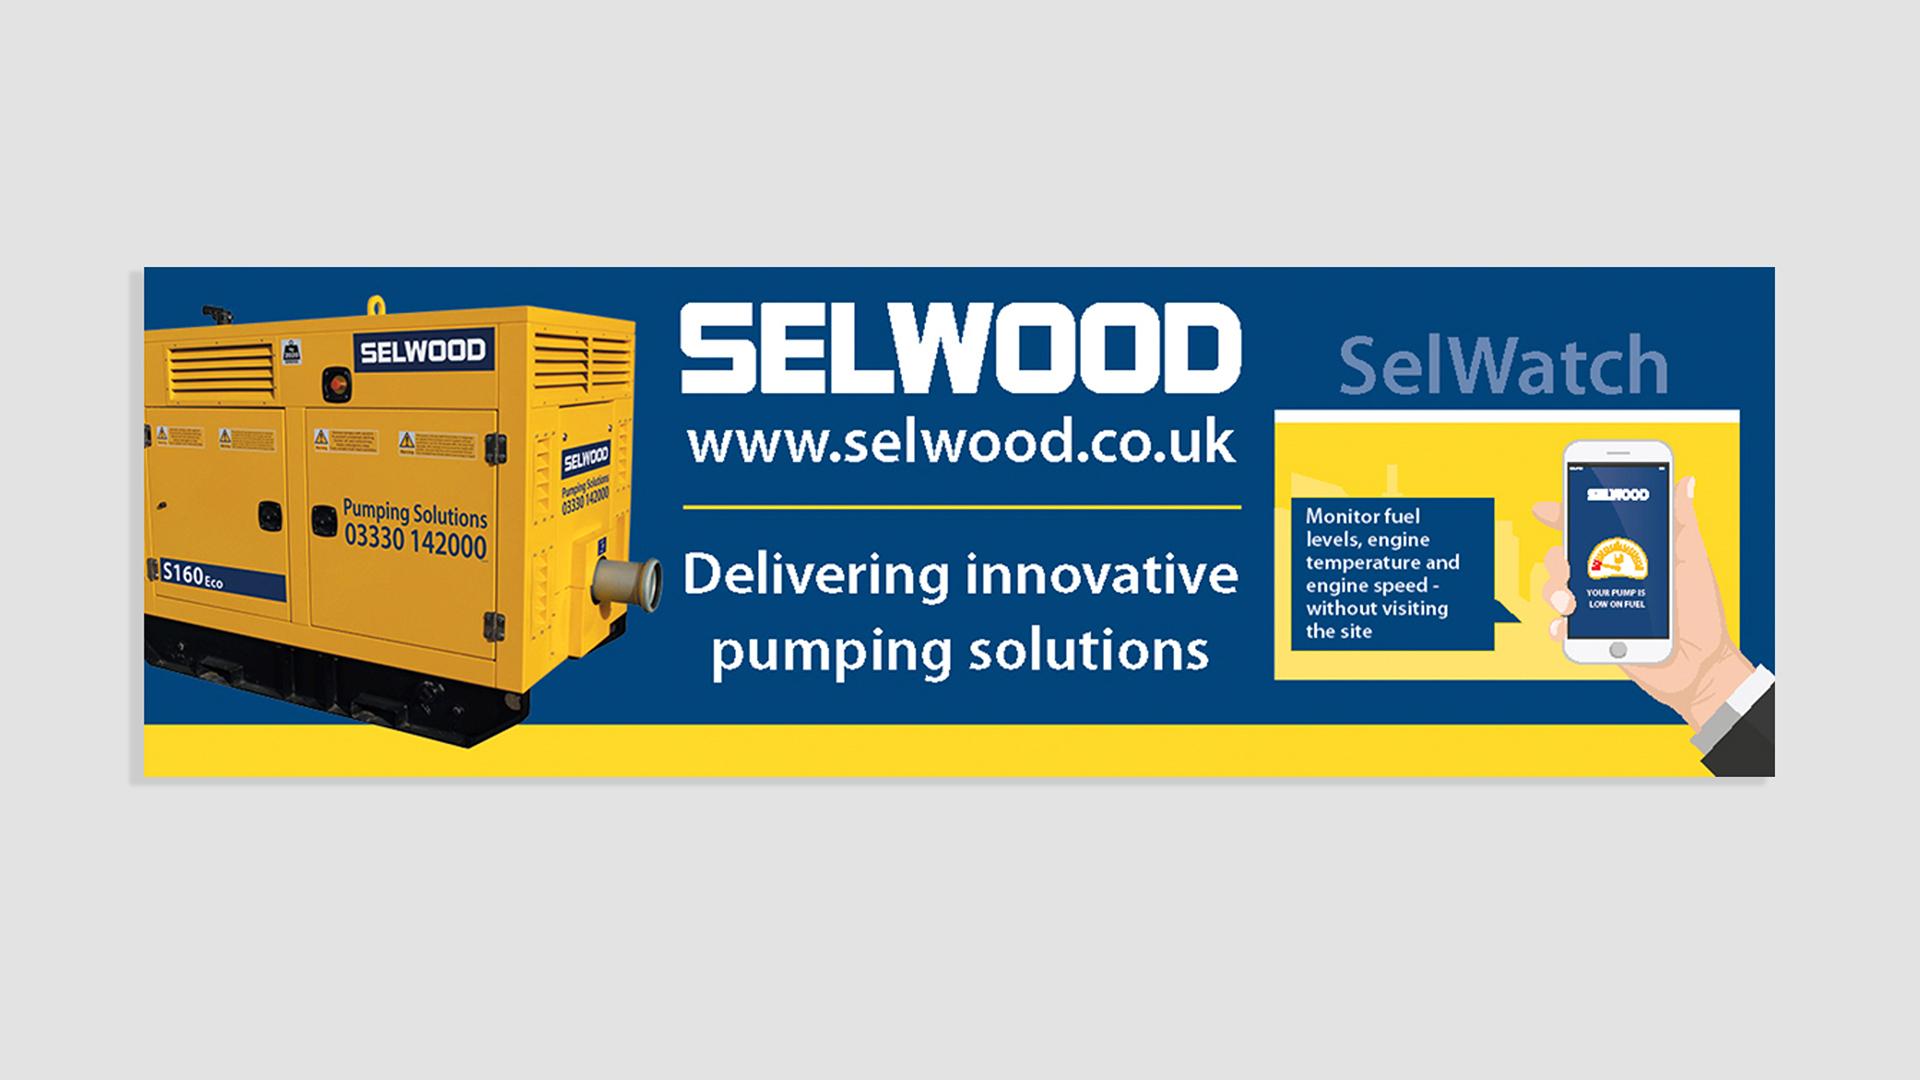 SLEWOOD NEW 2.jpg